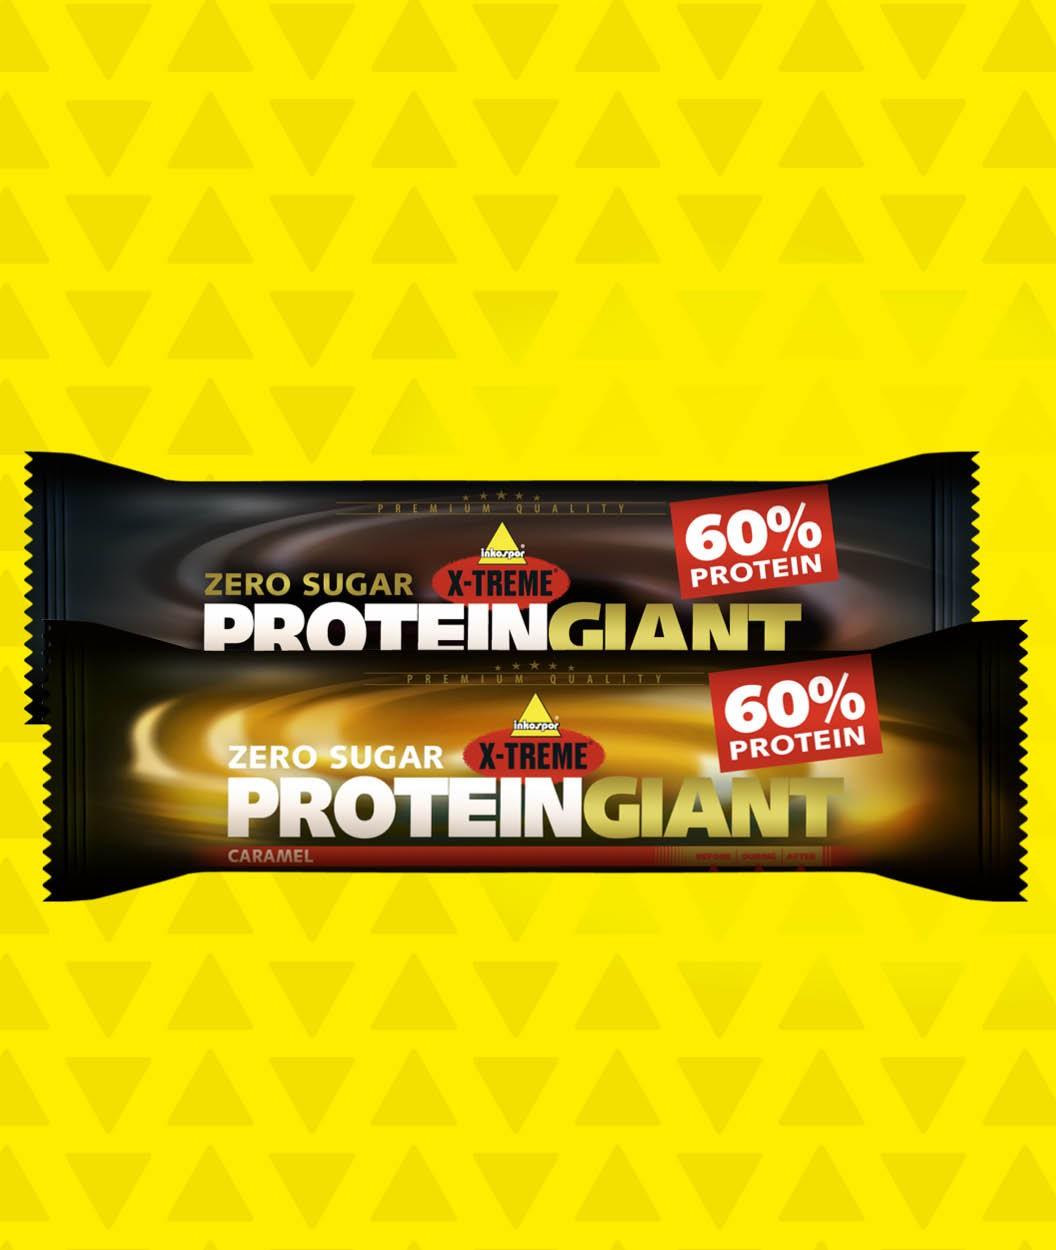 proteingiant